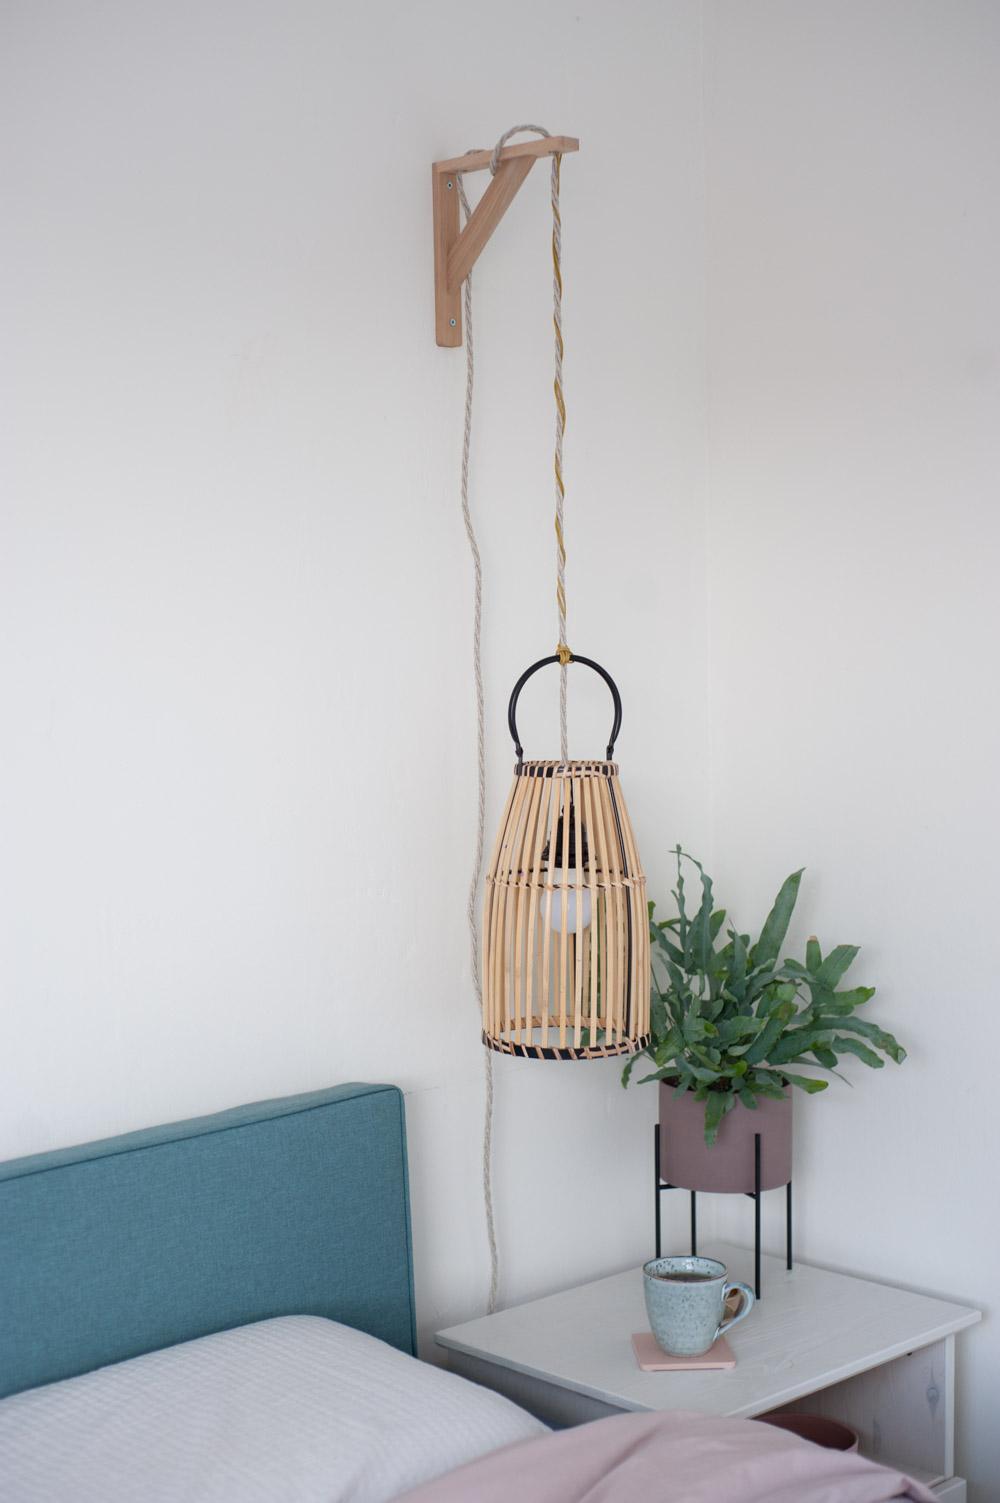 Full Size of Hängelampen Diy Hngelampe Aus Bambuslaterne Upcyclen Wohnzimmer Hängelampen